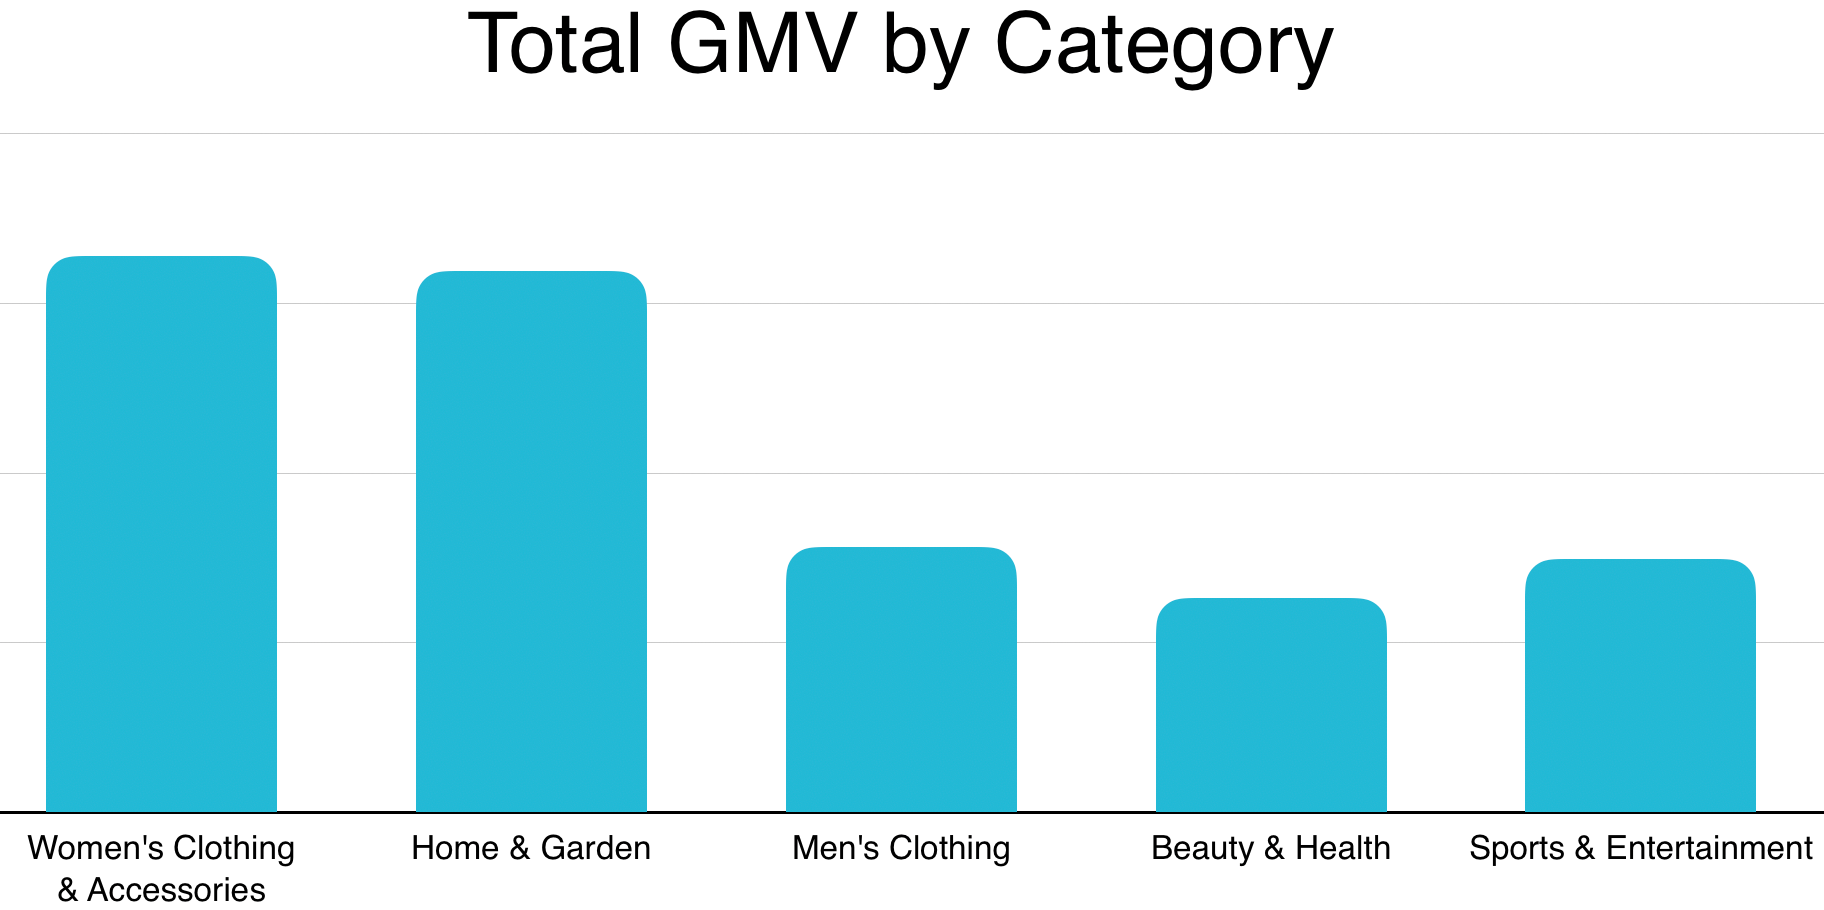 2019 Niche Australian Markets by GMV